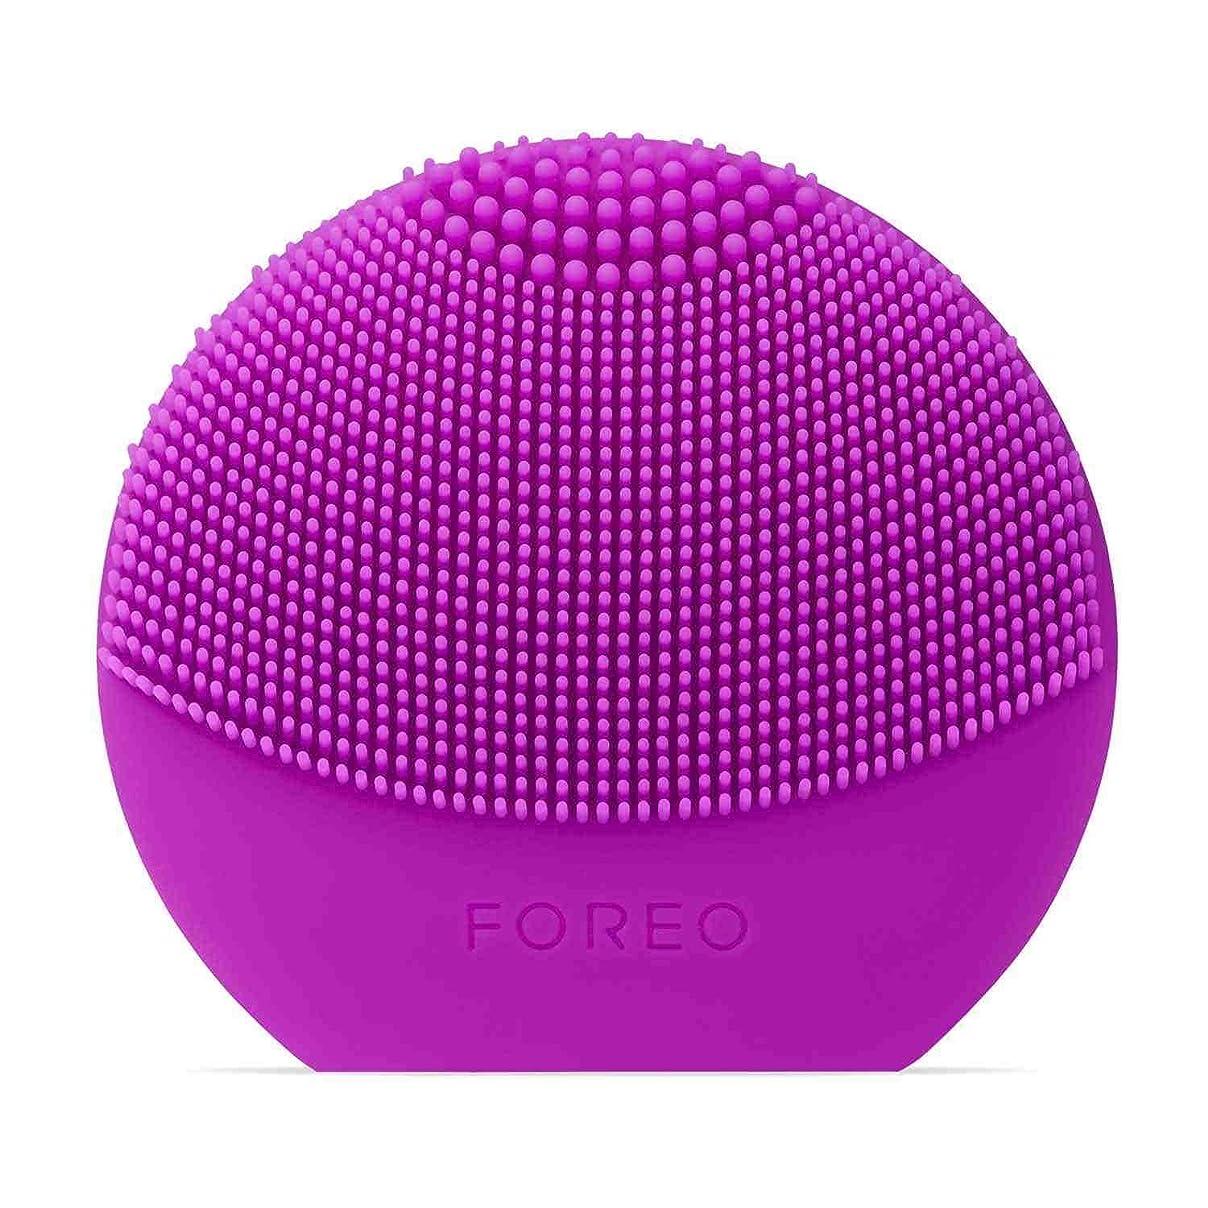 すぐにマウスピース履歴書FOREO LUNA Play Plus パープル シリコーン製 音波振動 電動洗顔ブラシ 電池式